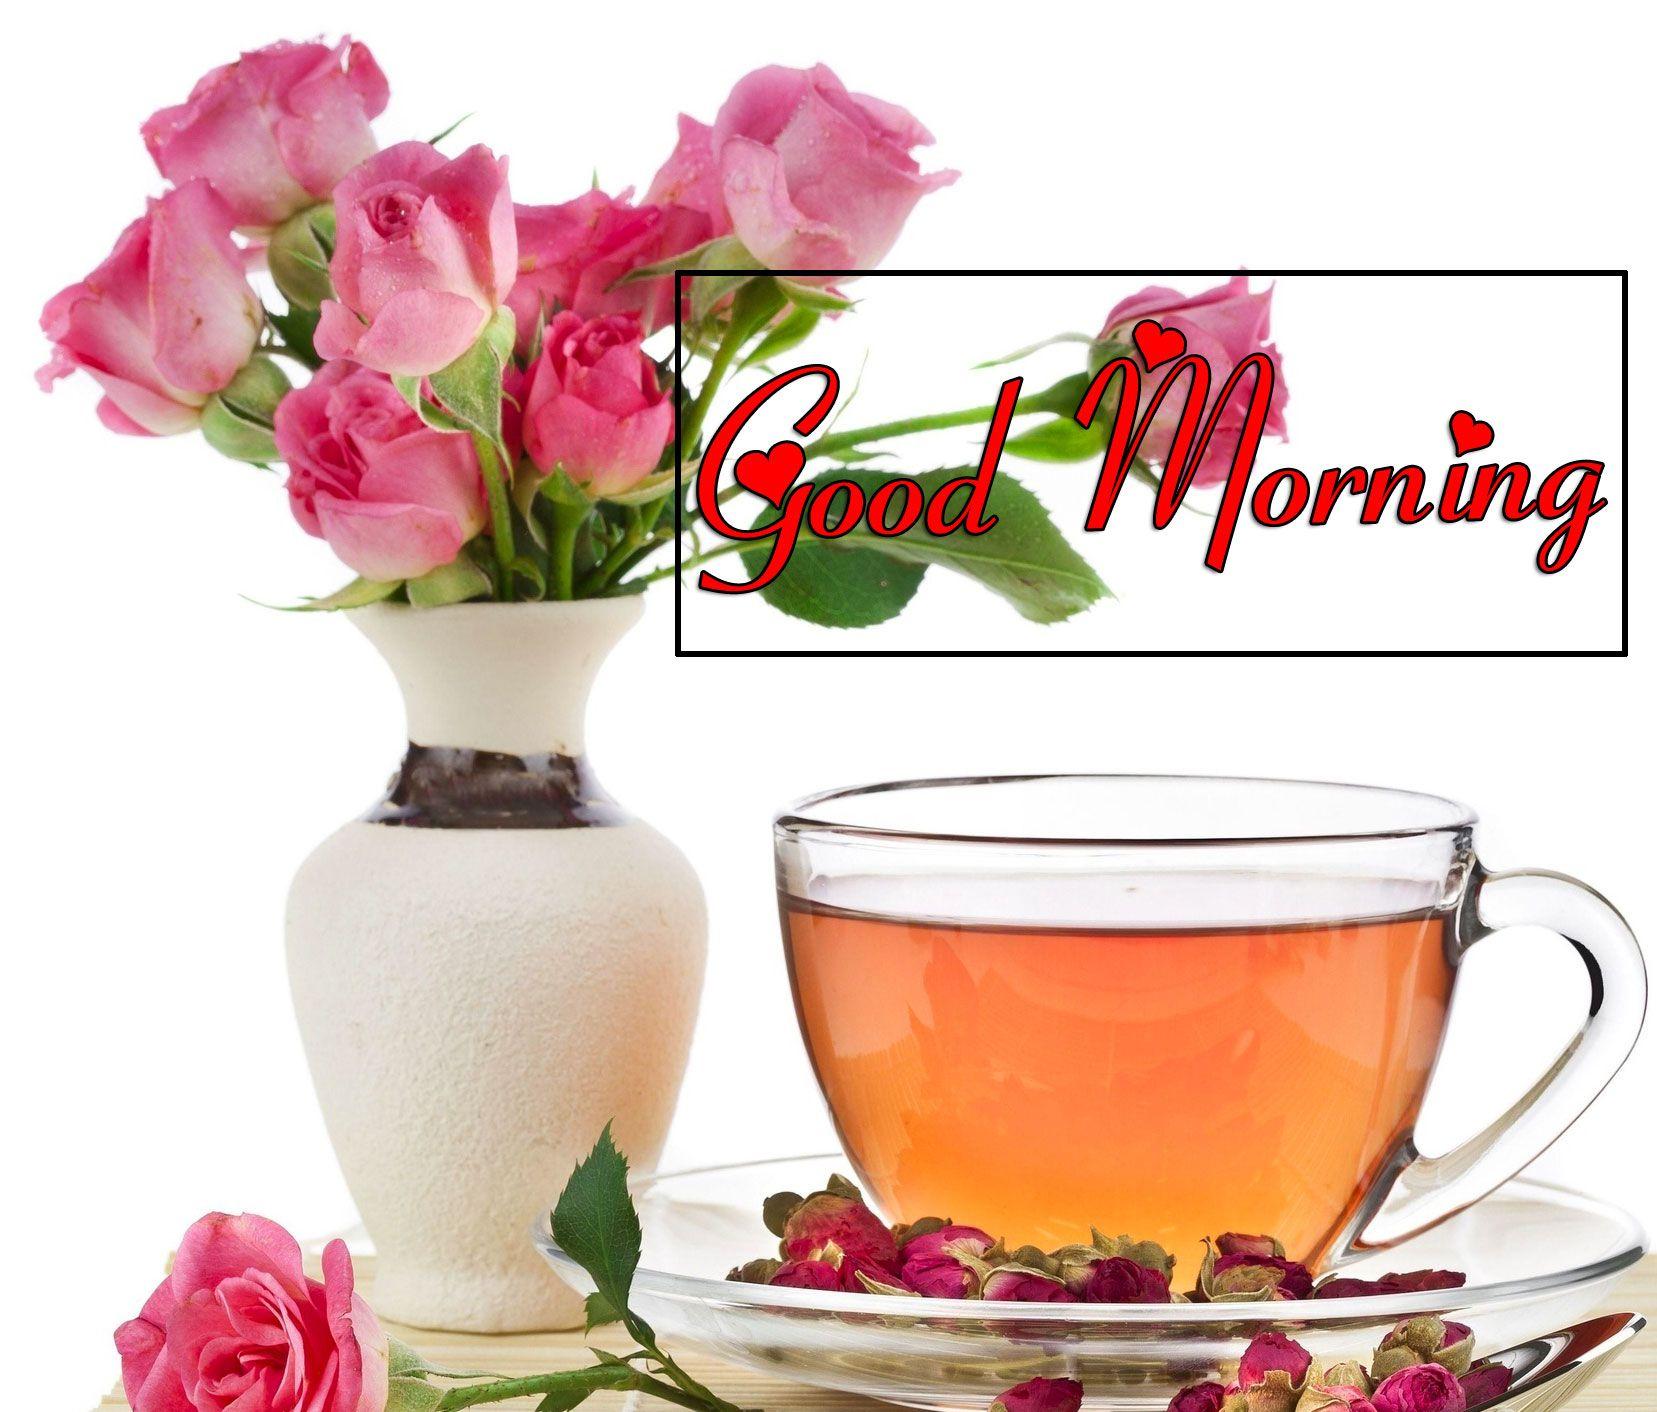 good morning shayari download in 2020 Good morning